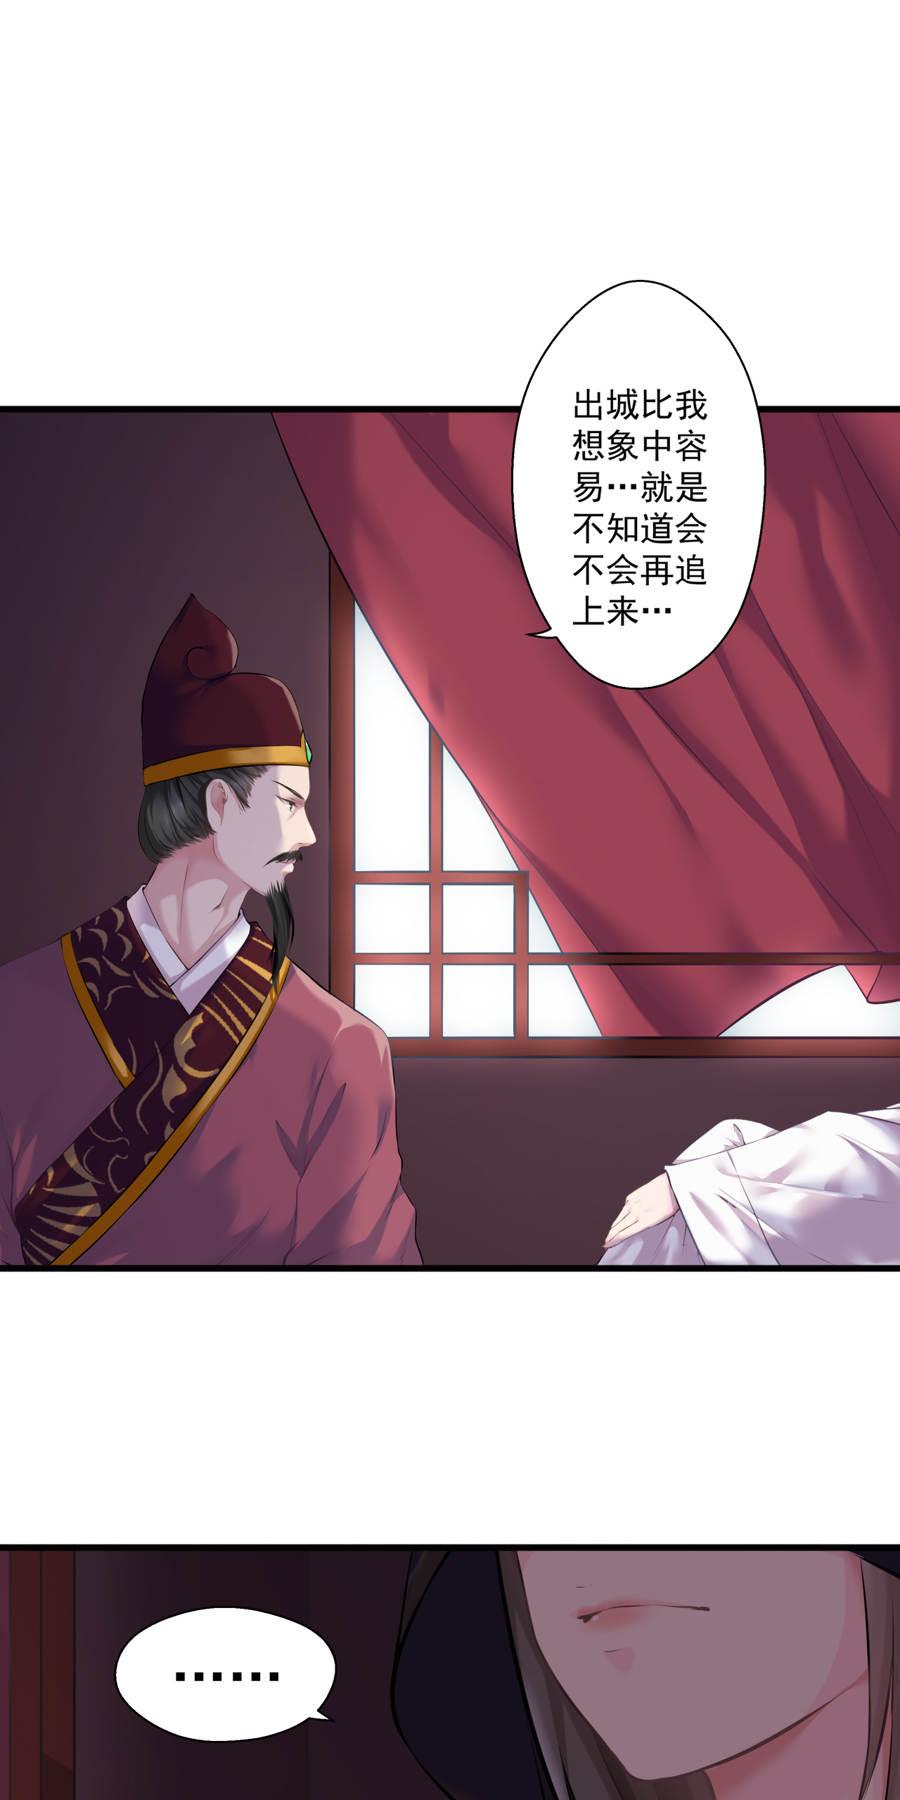 盛世帝王妃第14话  可怜的女人 第 4